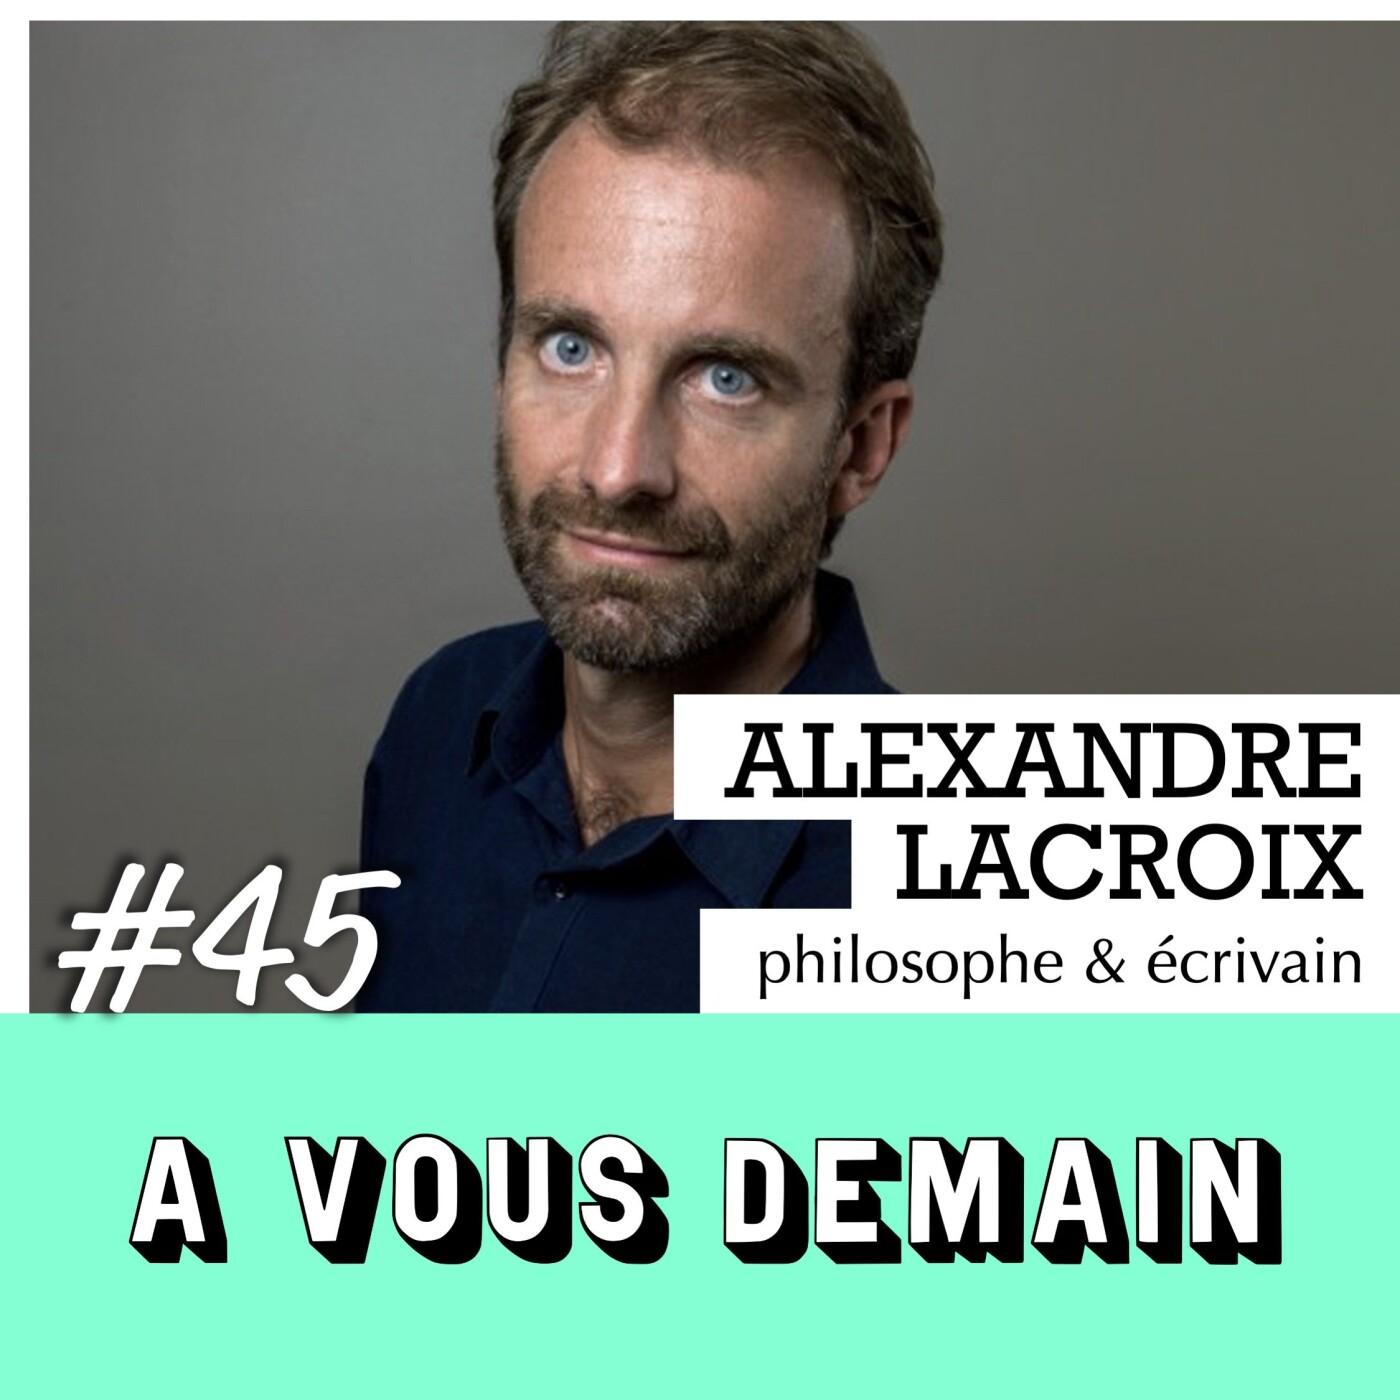 #45 l Alexandre Lacroix : comment ne pas être esclave du système ?